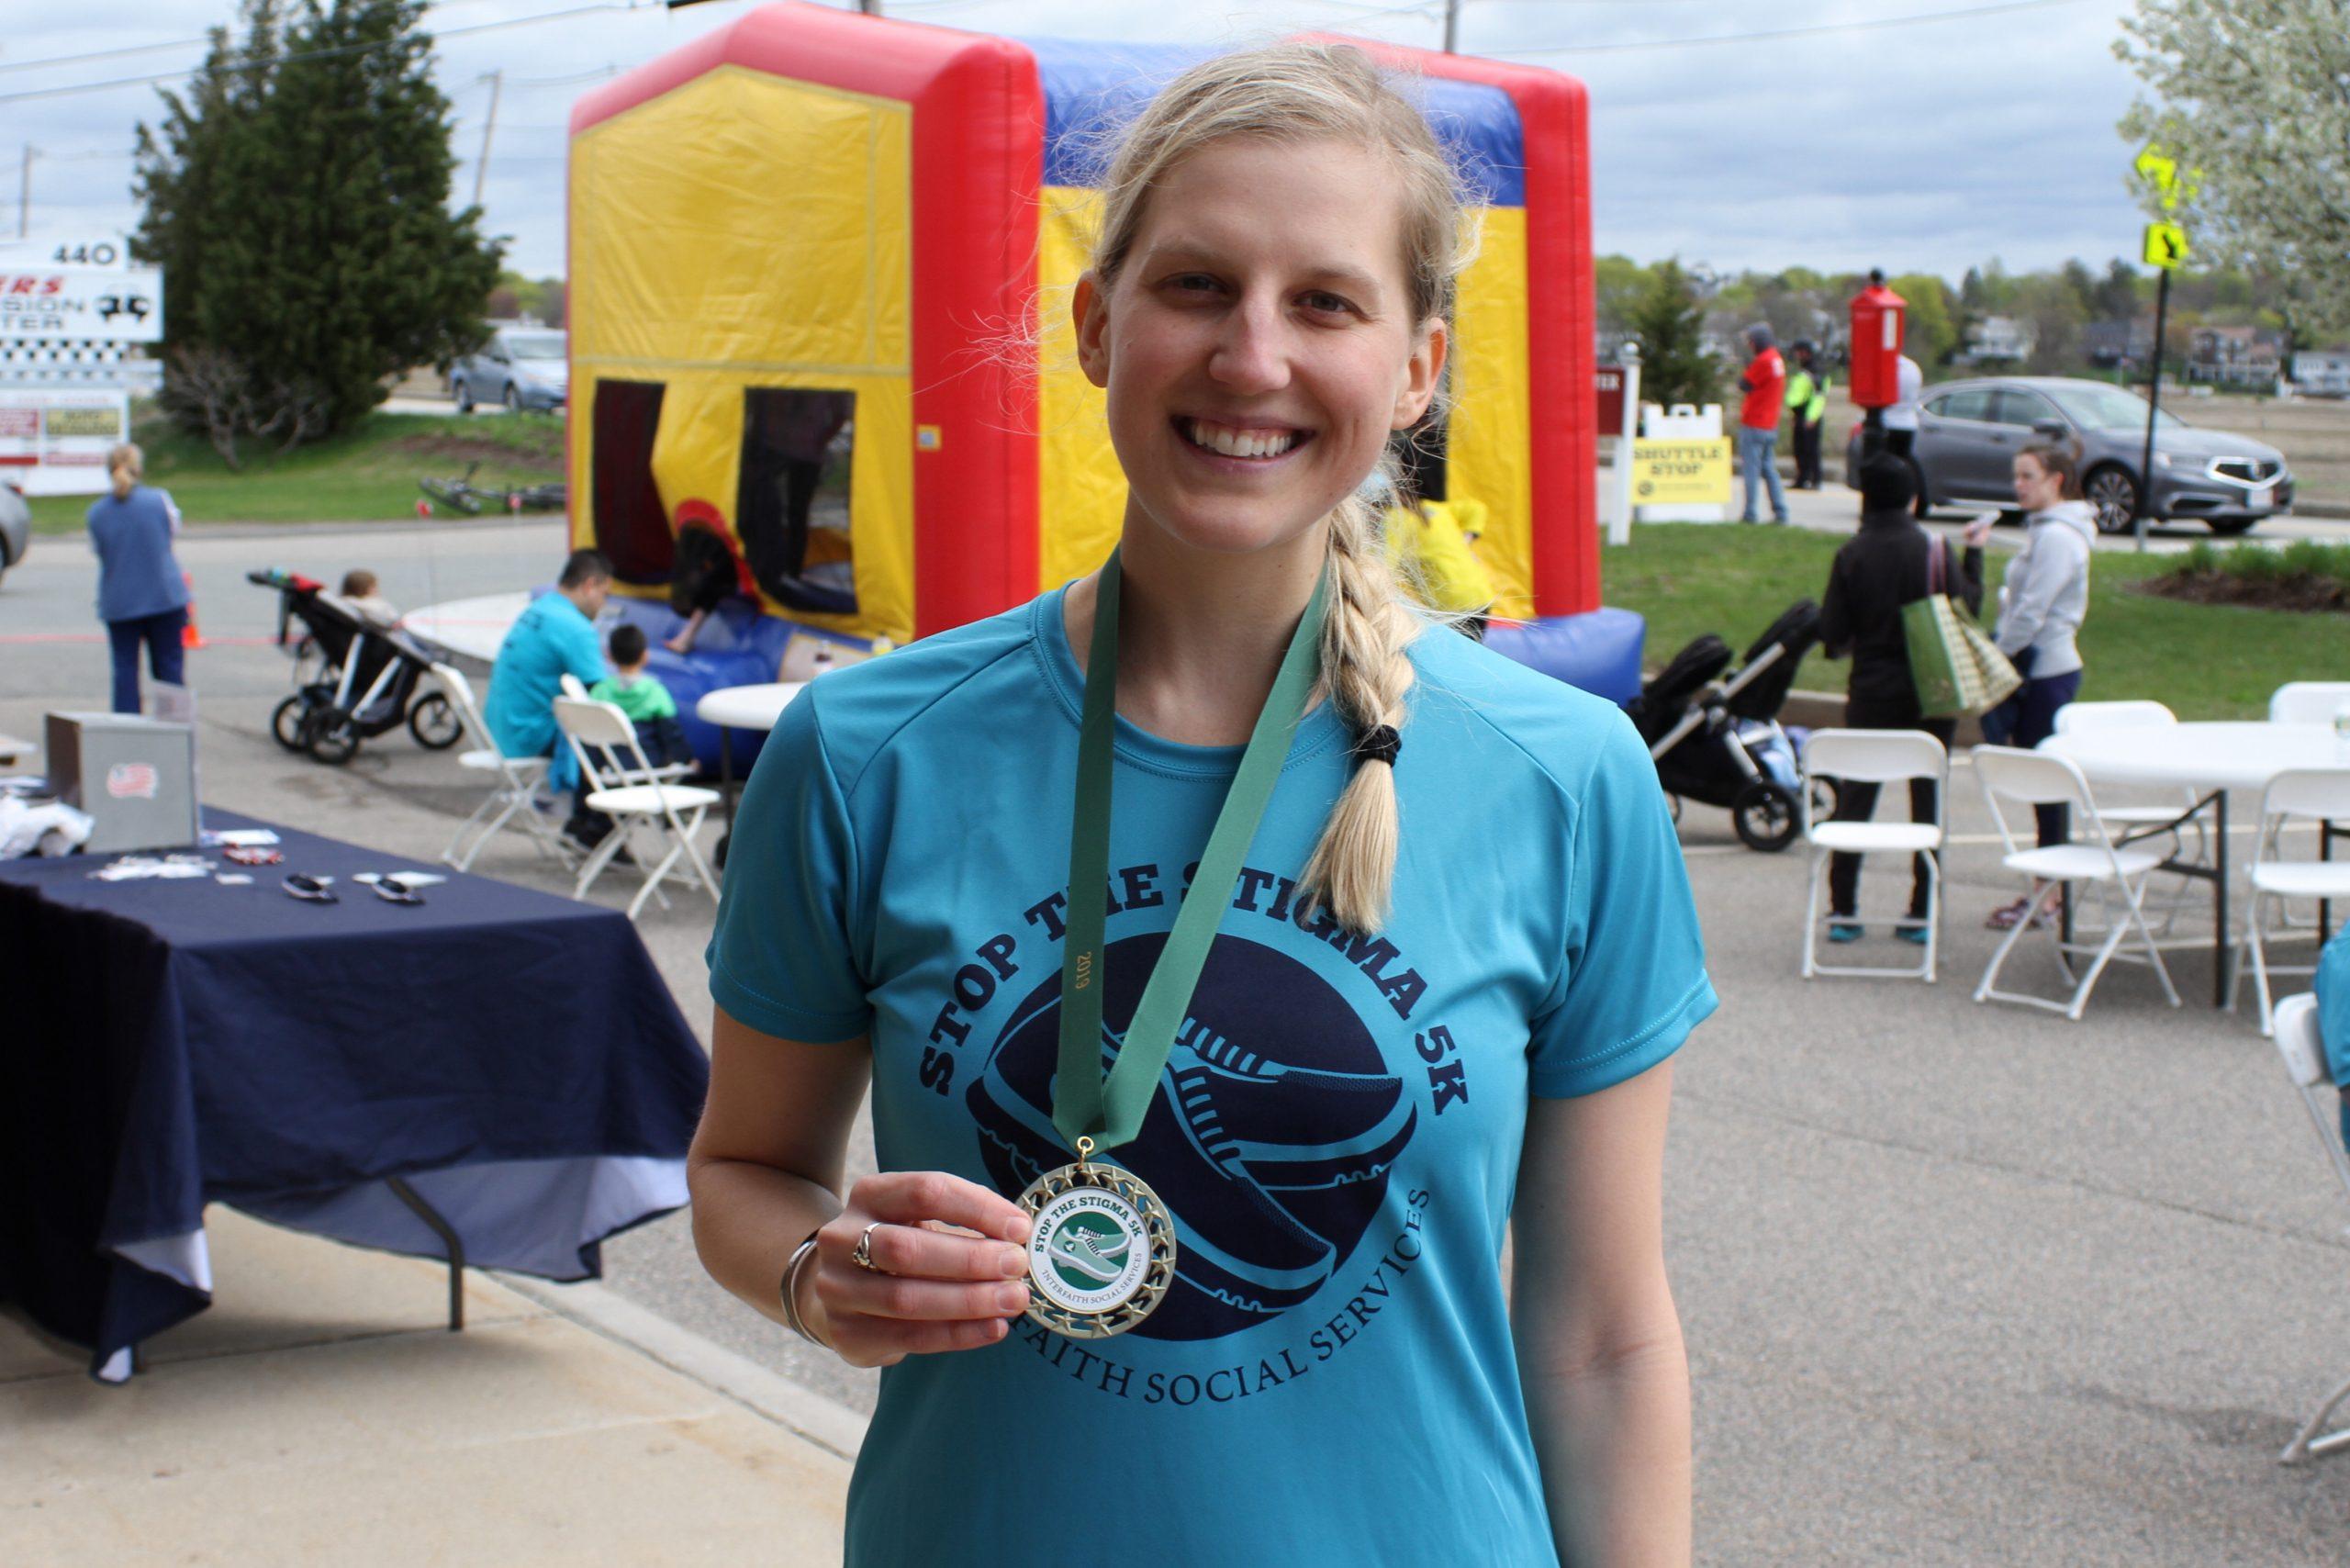 Becca Race Medal